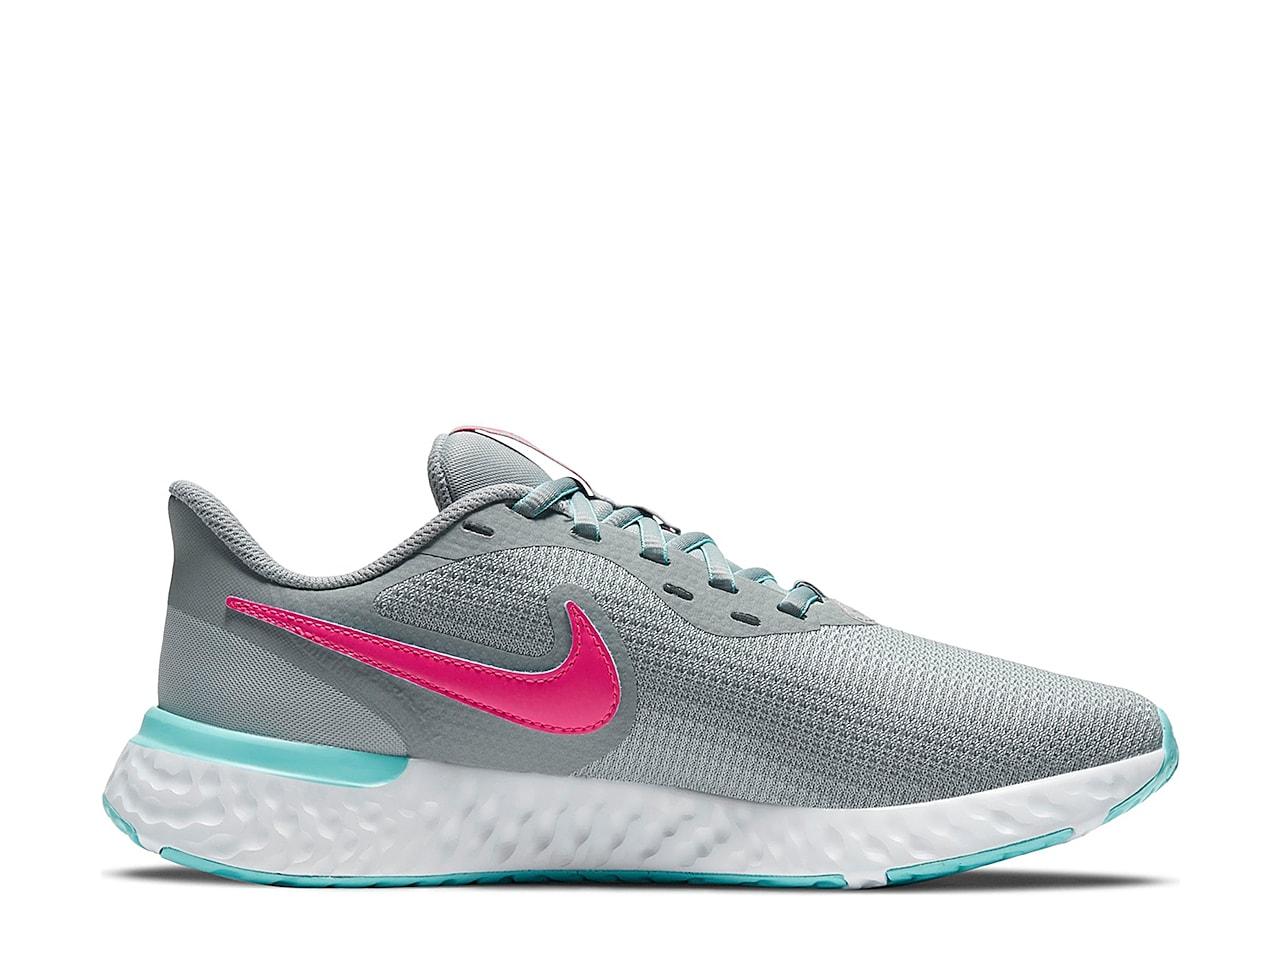 Nike Revolution 5 Ext Running Shoe - Women's